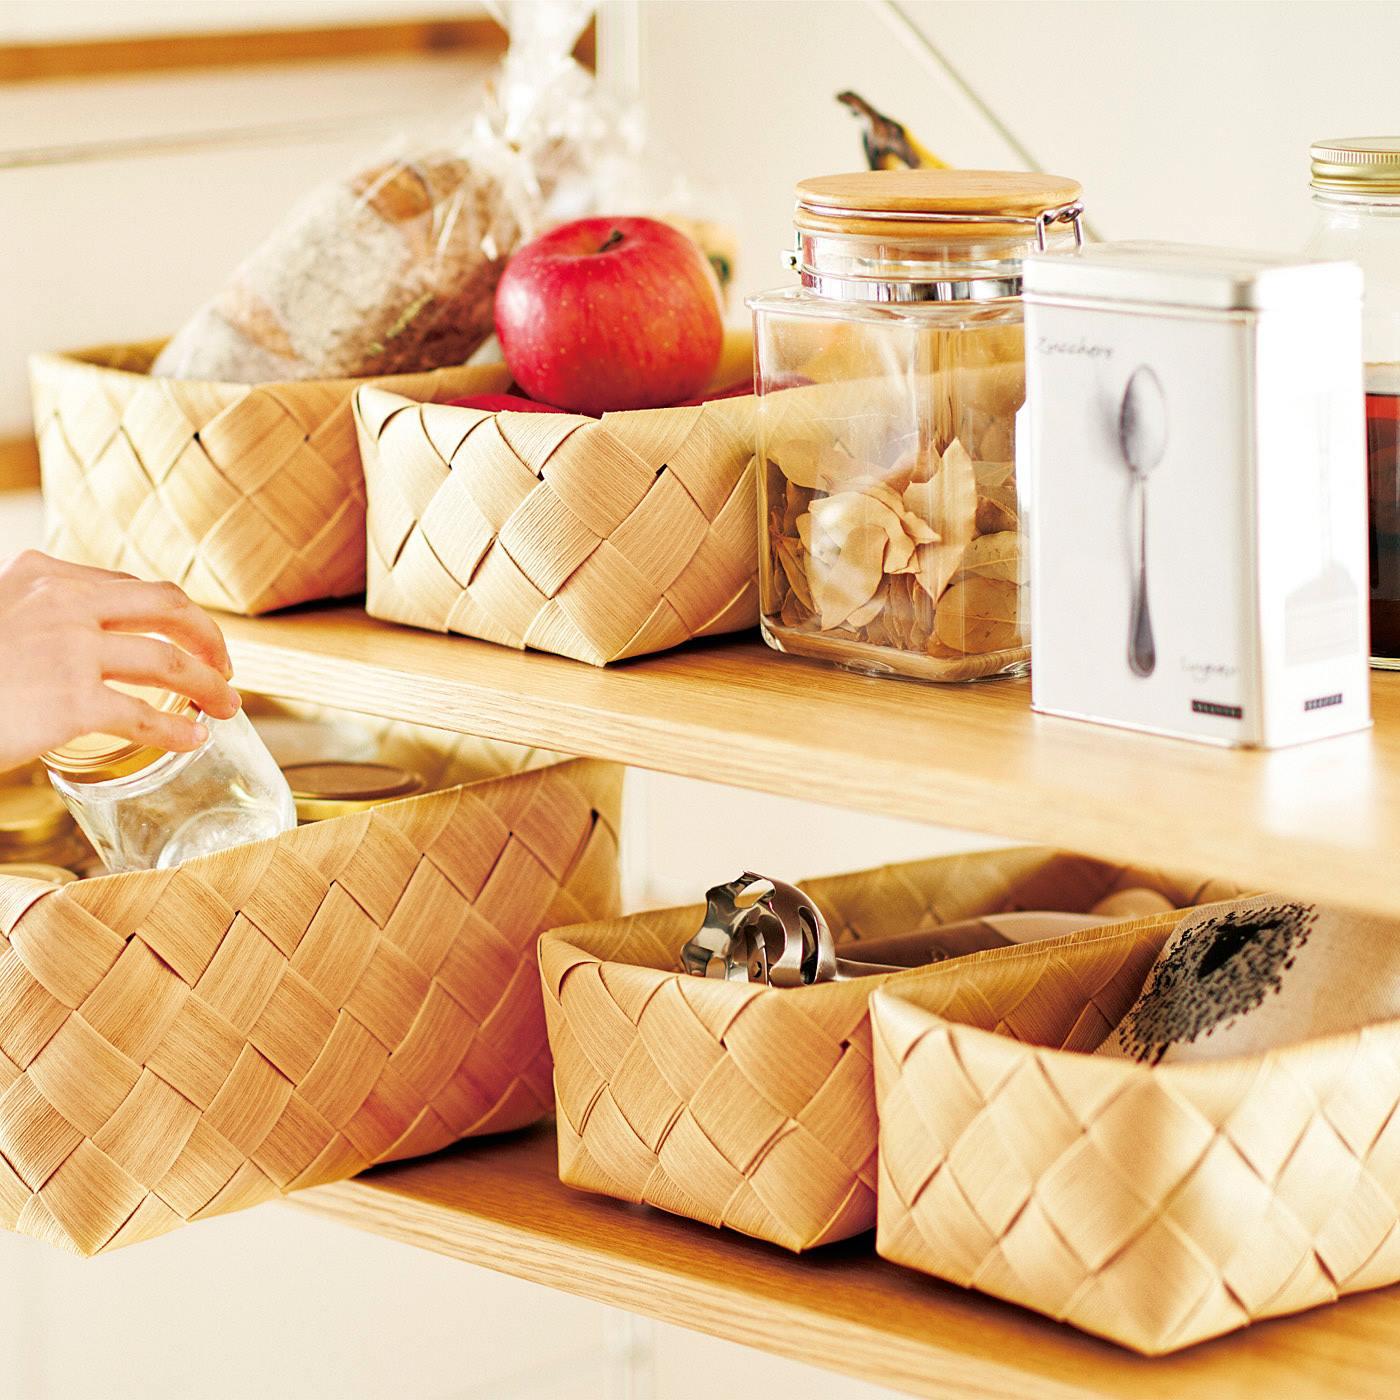 棚を整理できてサッと取り出しOK。買い置きの食品やキッチンツール、ティーセットなどをまとめて整理。引き出し感覚で便利に使えます。